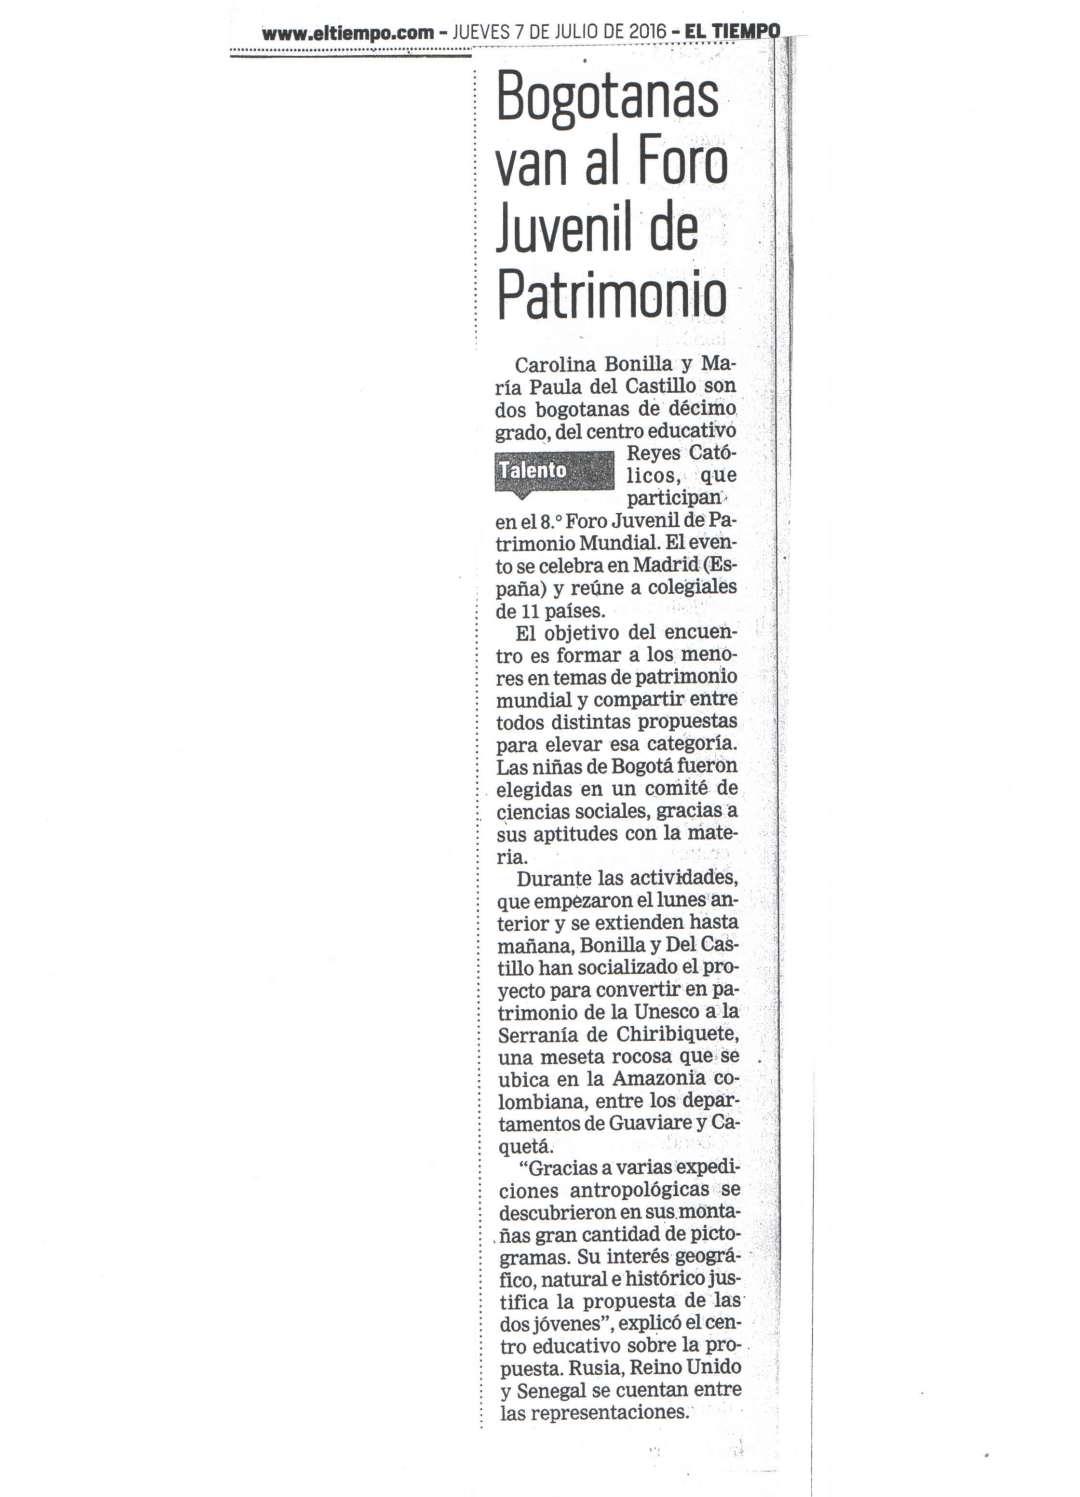 NOTICIA-JUEVES7-07-2016